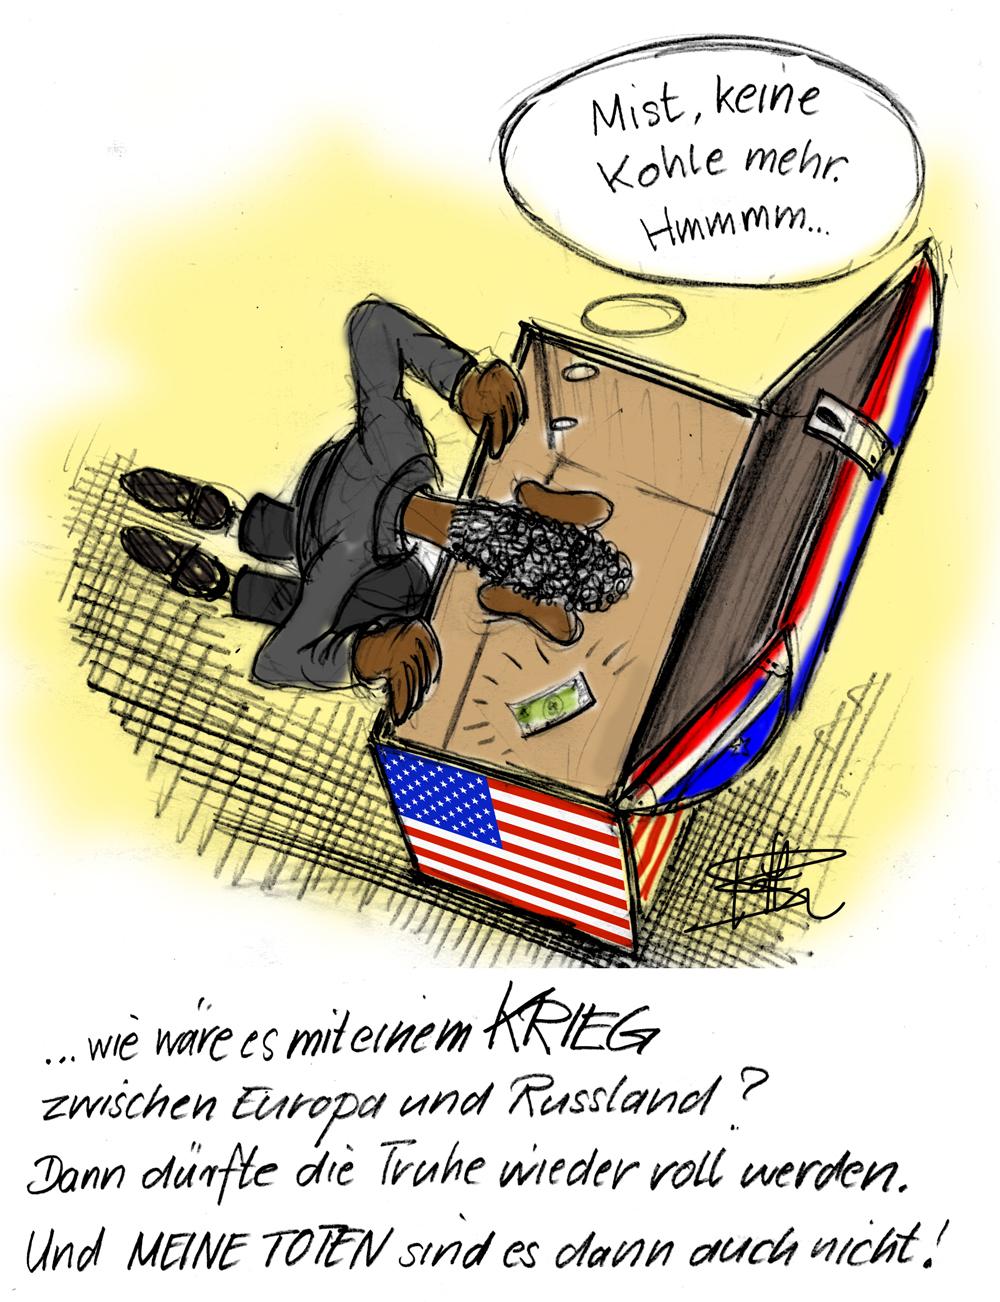 Ein Krieg zwischen Europa und und Russland käme den USA finanziell gelegen.